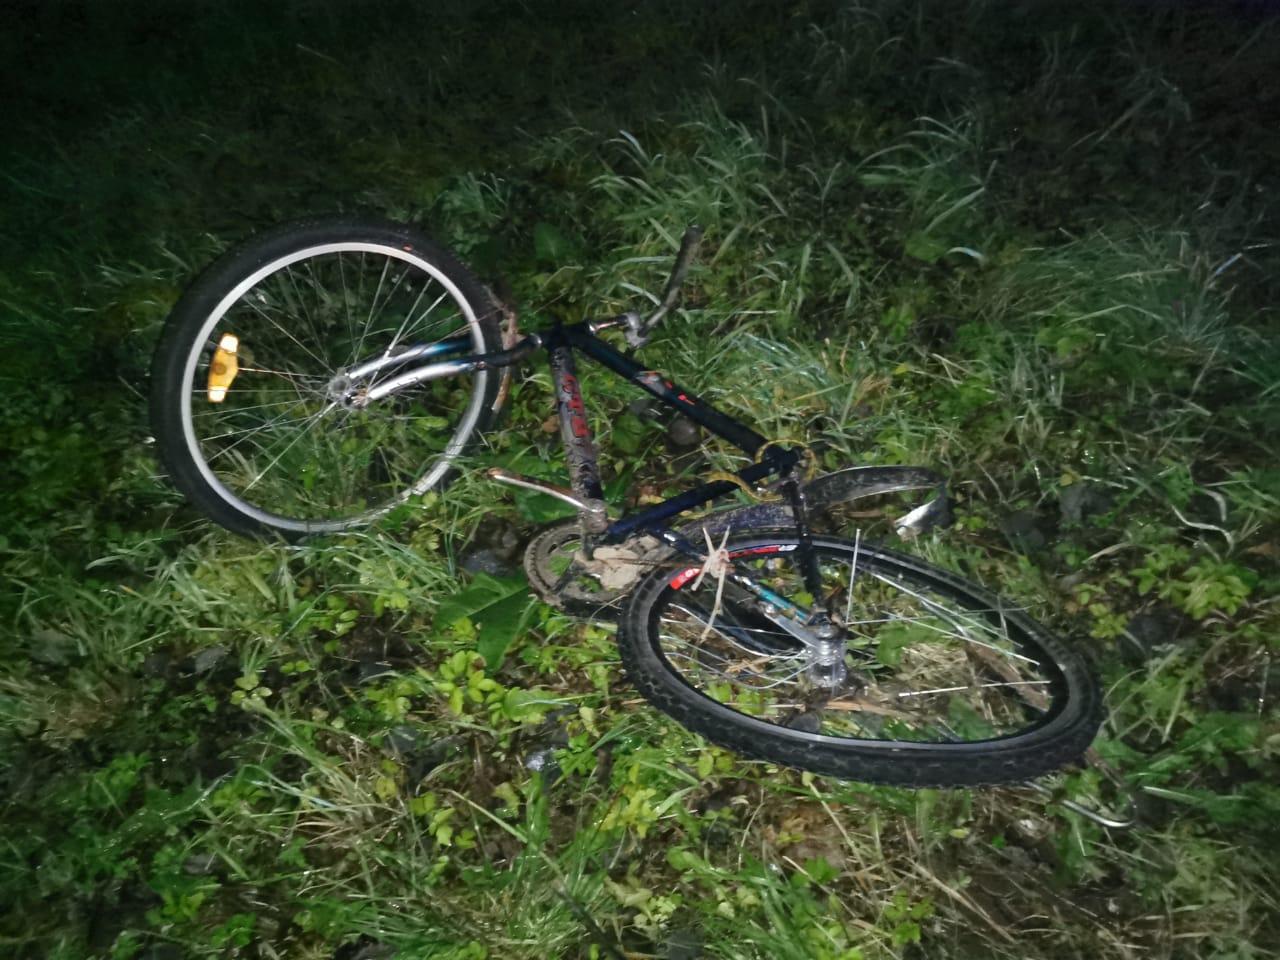 На федеральной трассе в Тверской области сбили велосипедиста - новости Афанасий